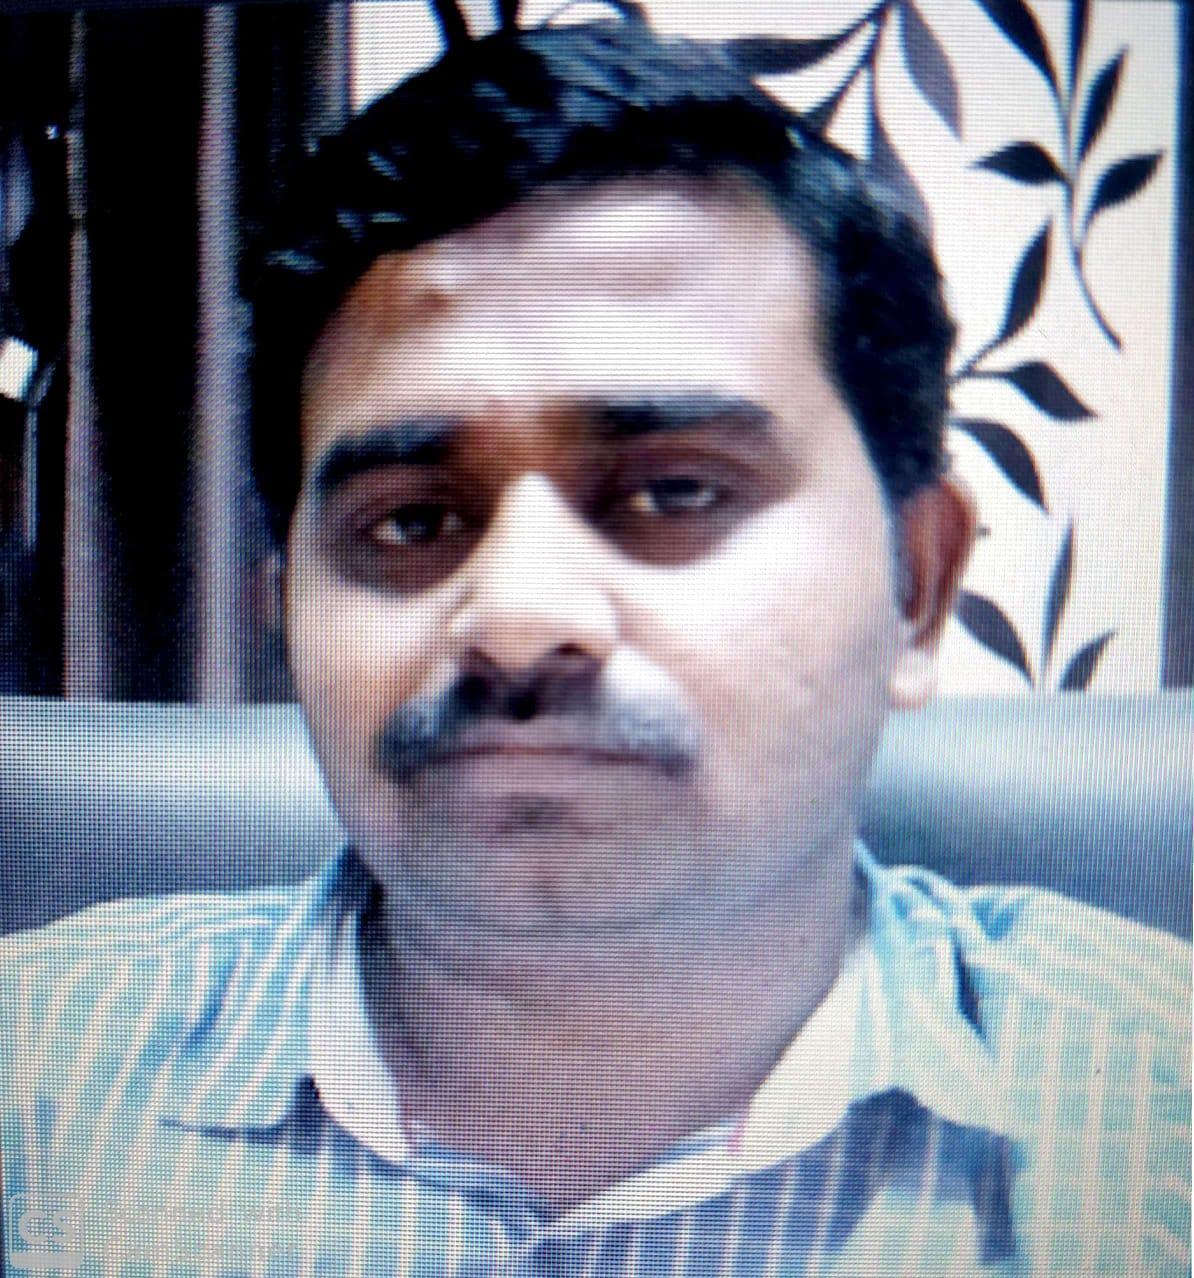 Dr Manish Patil